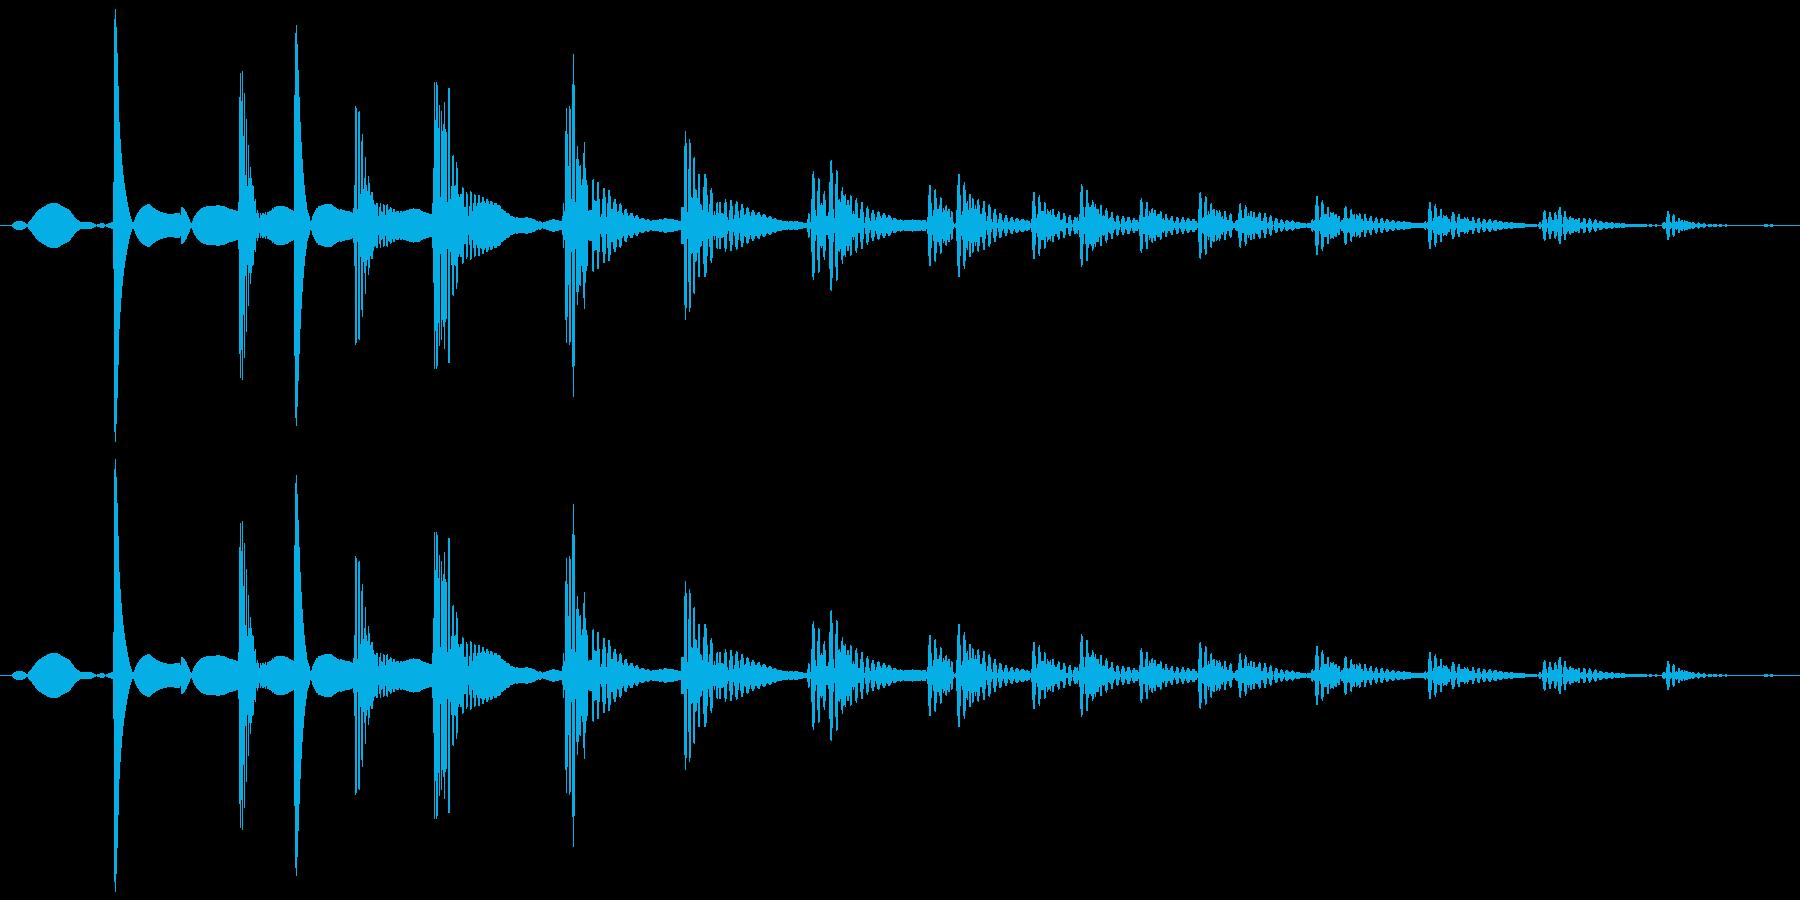 ダメージ (縮む、落とす) テピィォォンの再生済みの波形